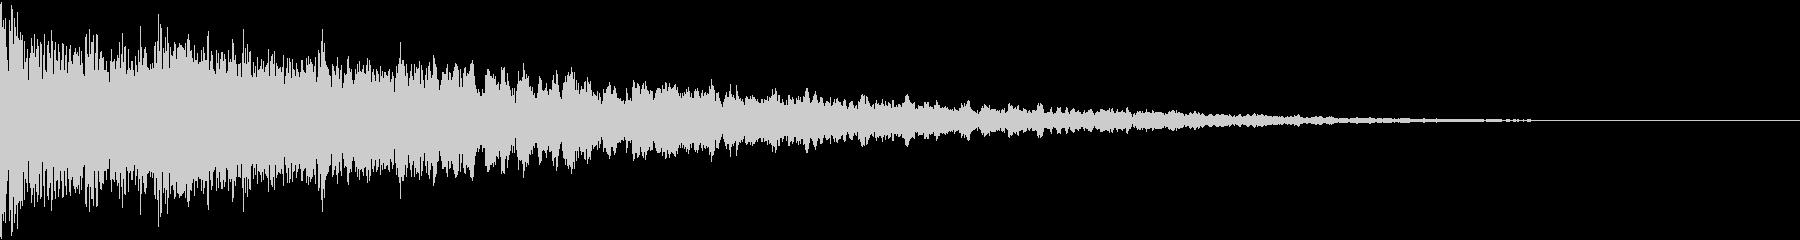 ドンとバン:都市伝説などのテロップ時4の未再生の波形